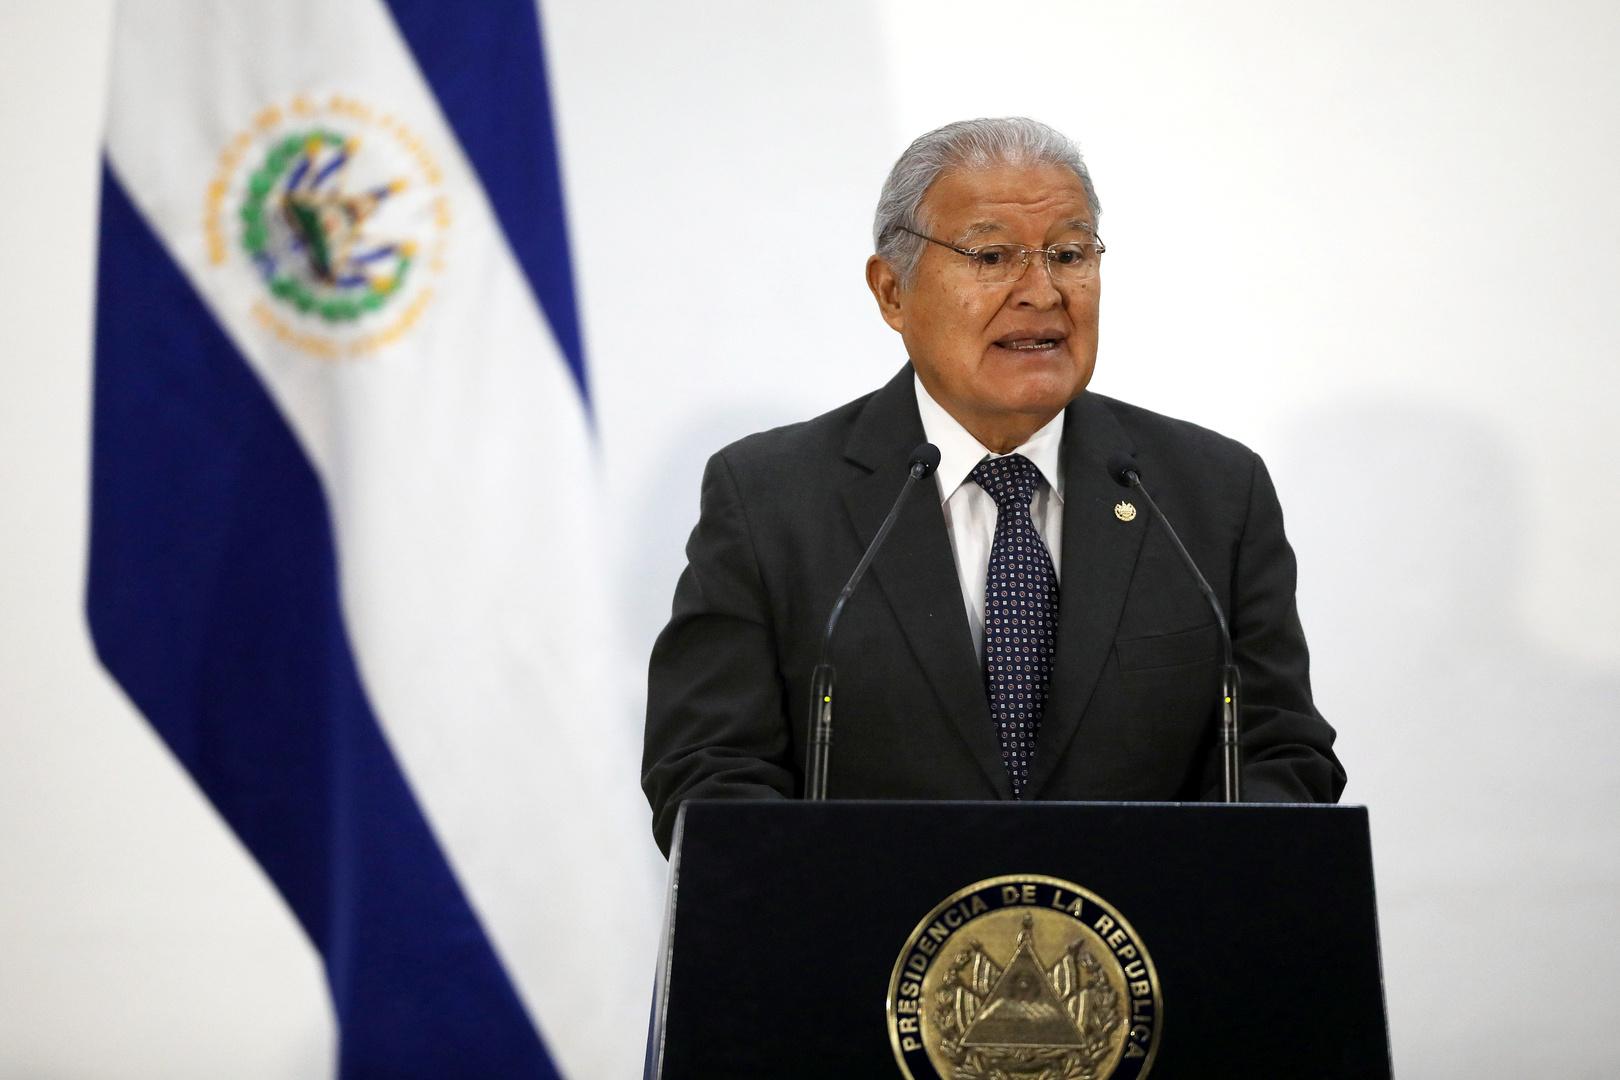 نيكاراغوا تمنح الجنسية للمرة الثانية لرئيس سلفادوري سابق مطلوب